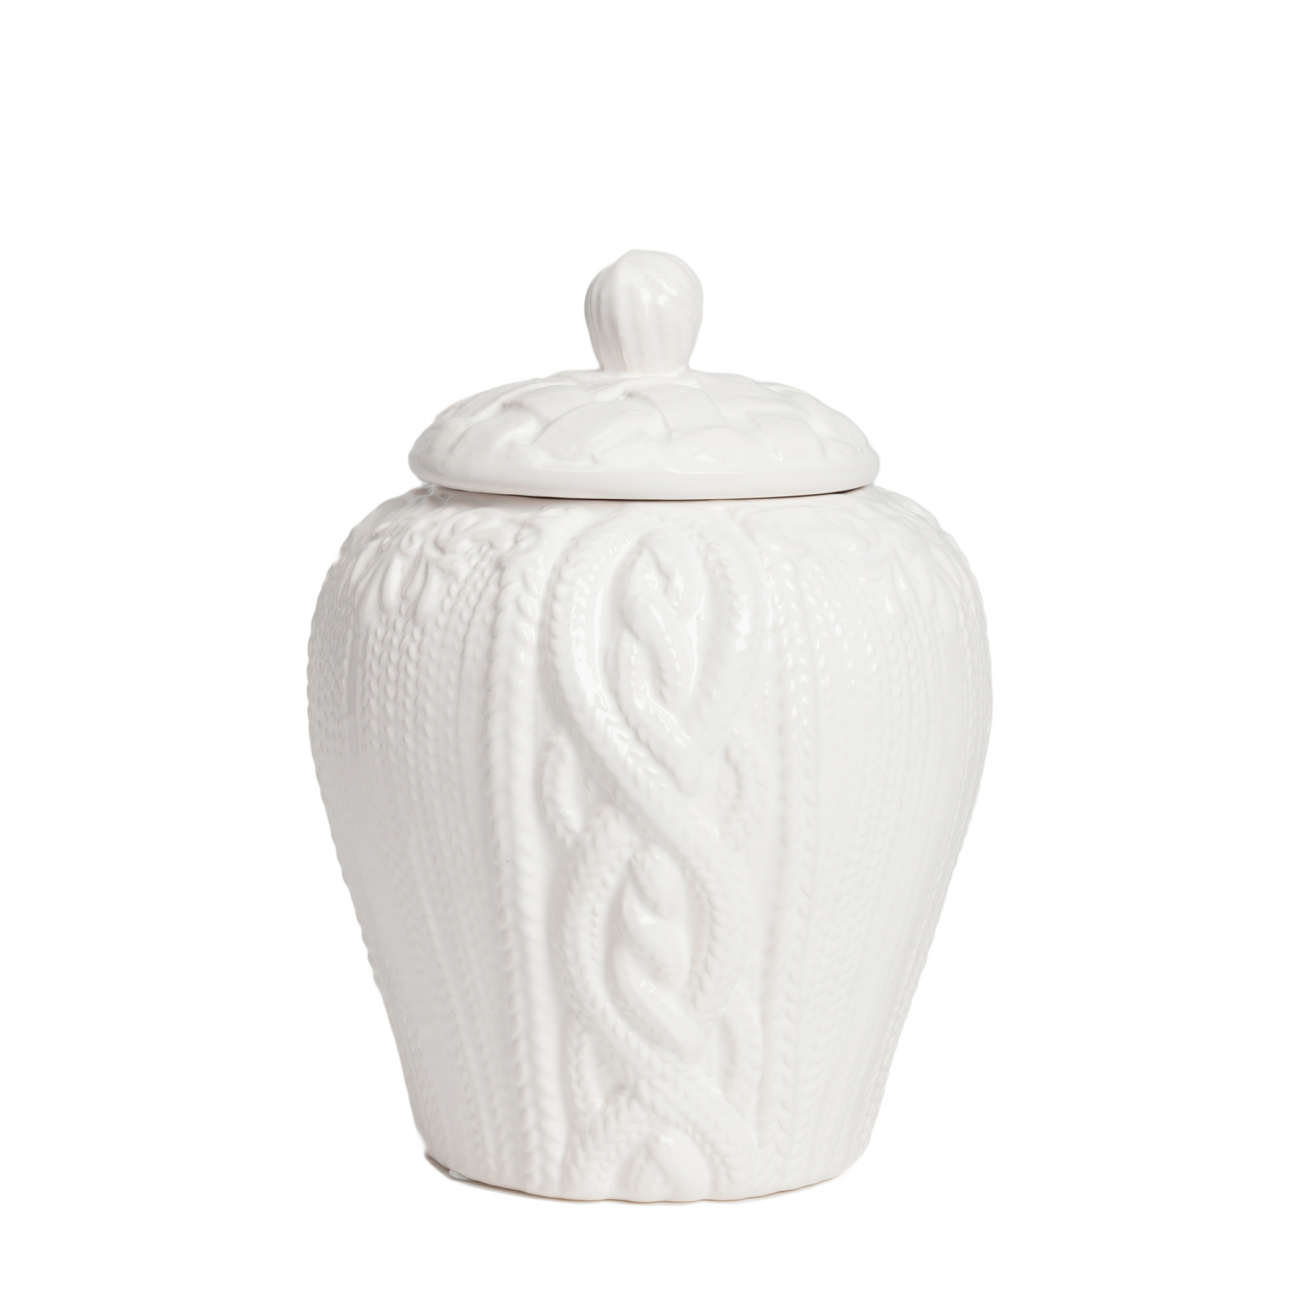 Купить Декоративная ваза с крышкой Lindley для хранения продуктов Маленькая Белая в интернет магазине дизайнерской мебели и аксессуаров для дома и дачи